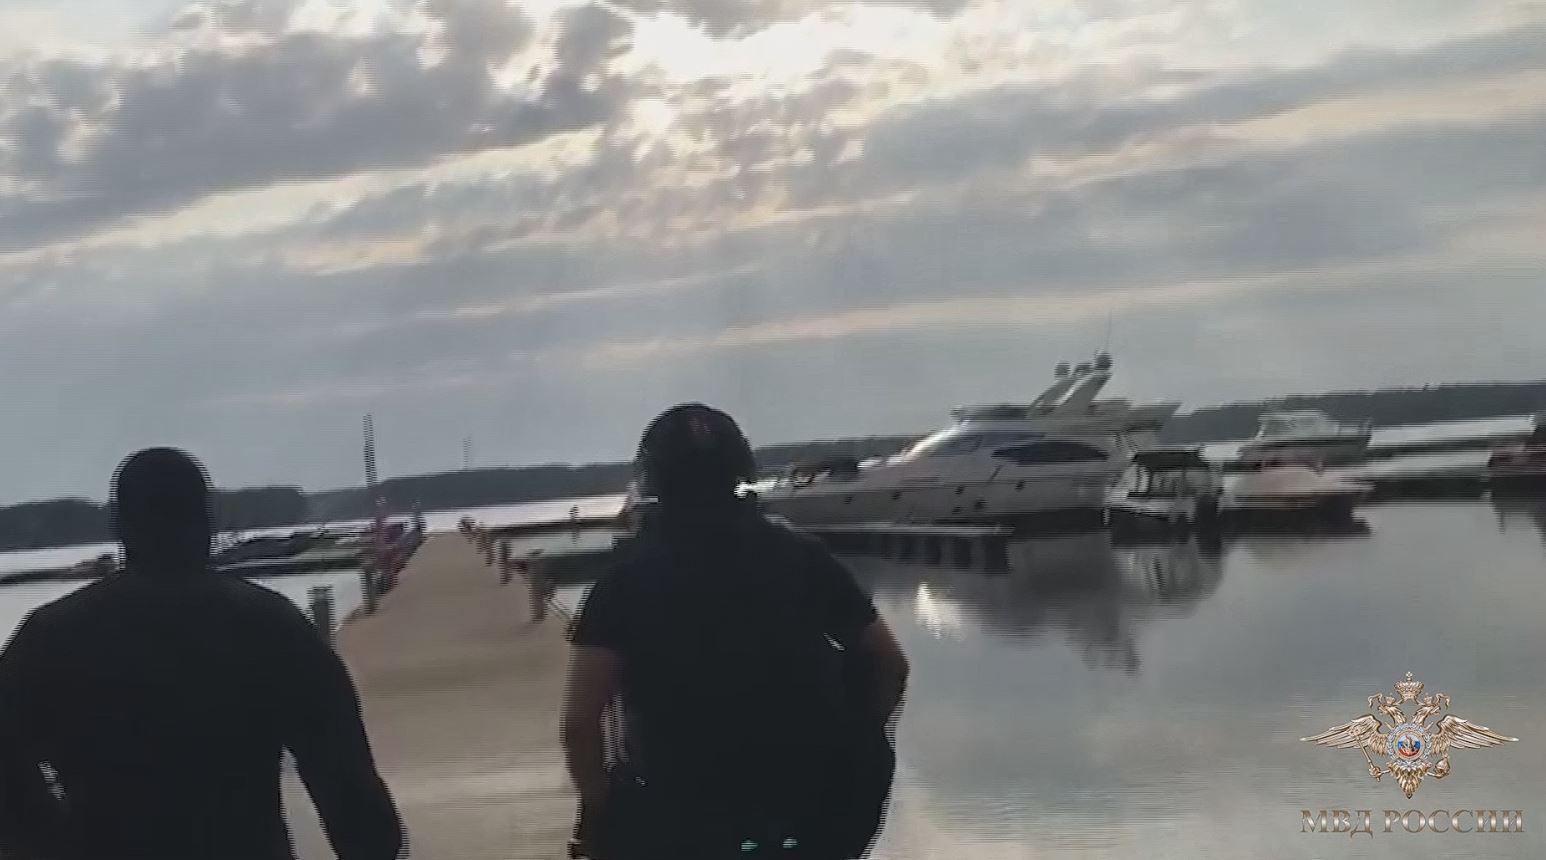 Тульские полицейские приняли участие в спецоперации по задержанию членов ОПГ